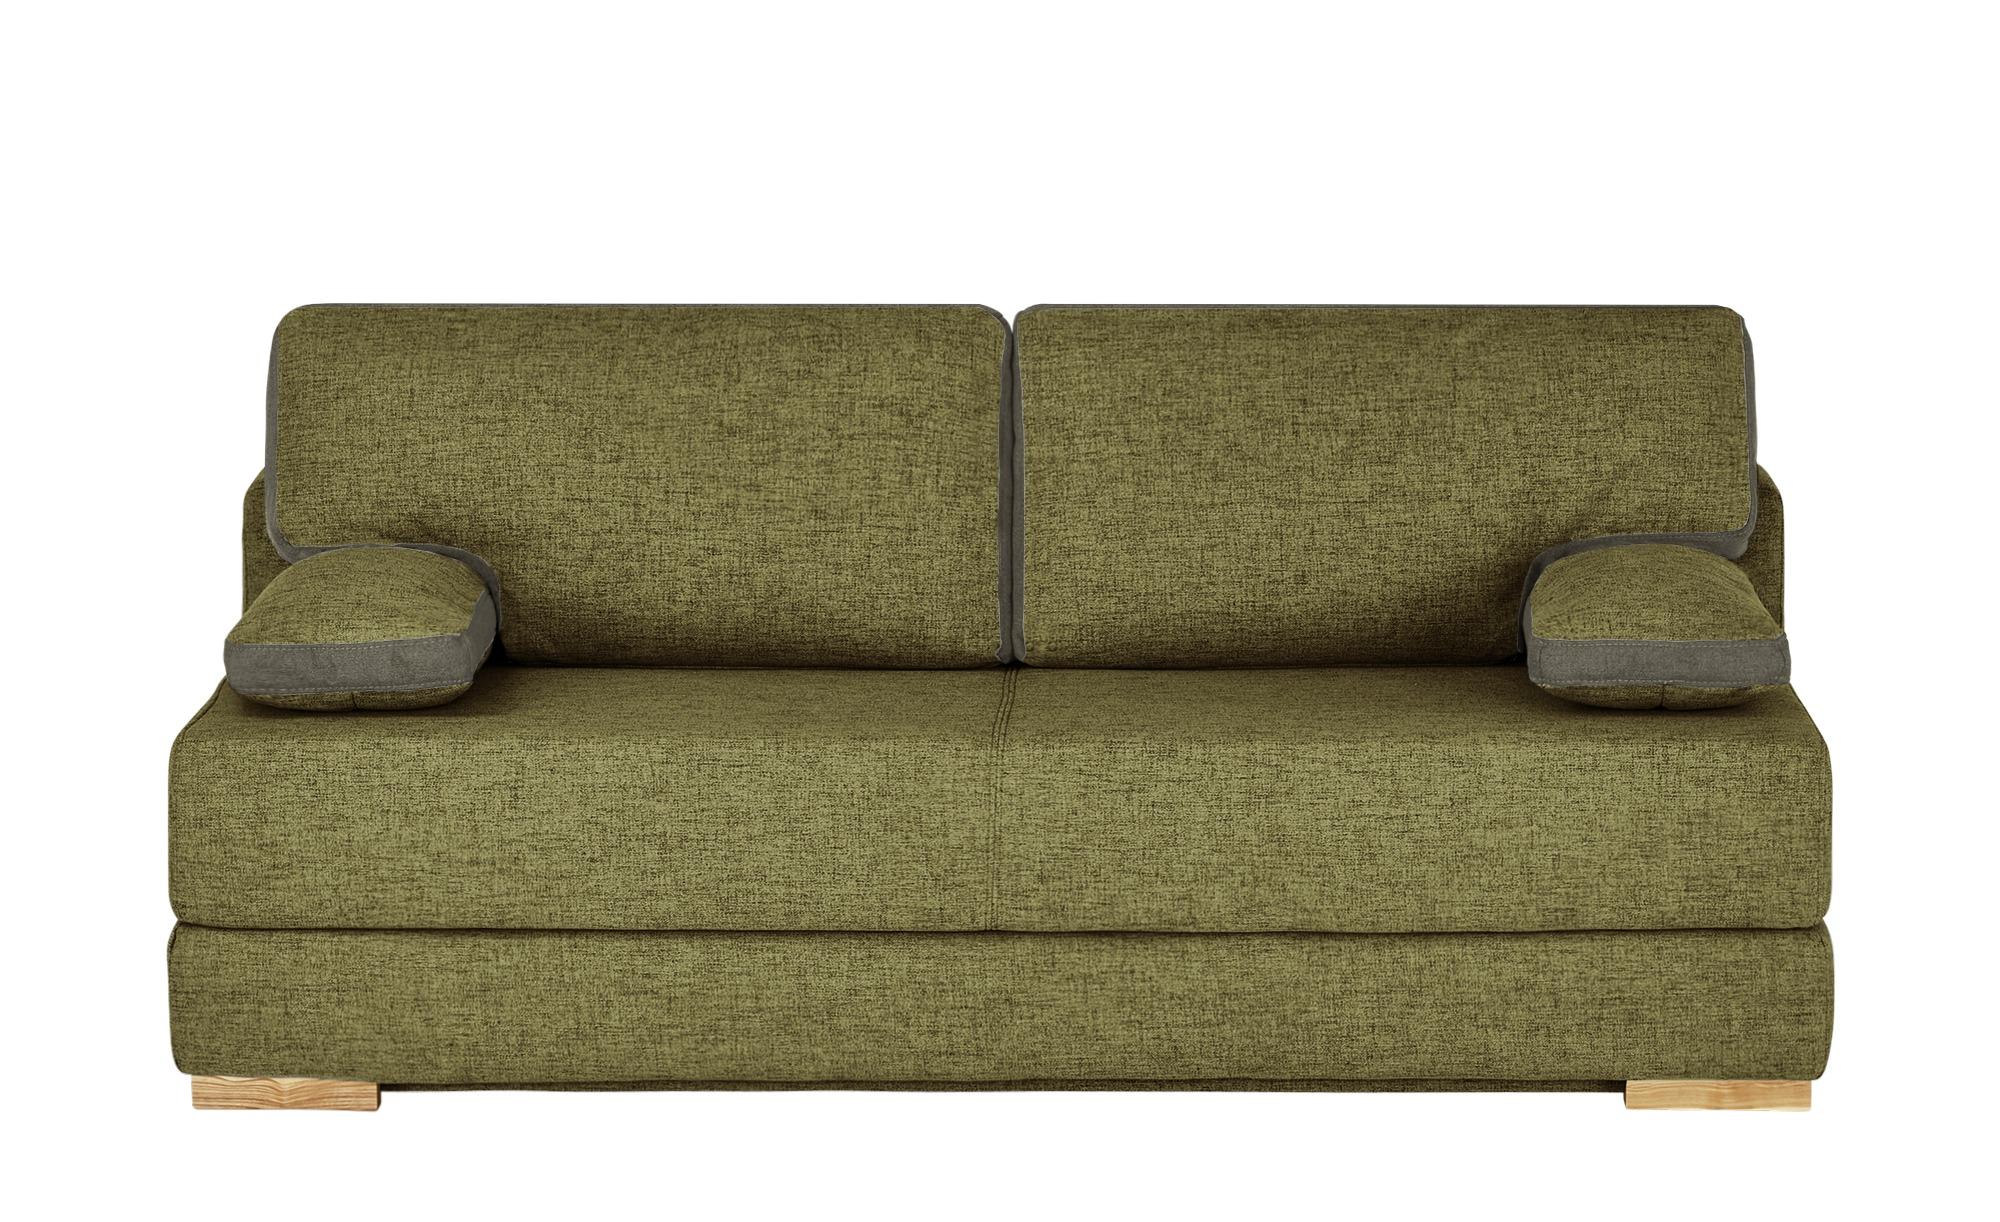 Schlafsofa   Toni ¦ grün ¦ Maße (cm): B: 202 H: 95 T: 98 Polstermöbel > Sofas > Einzelsofas - Höffner